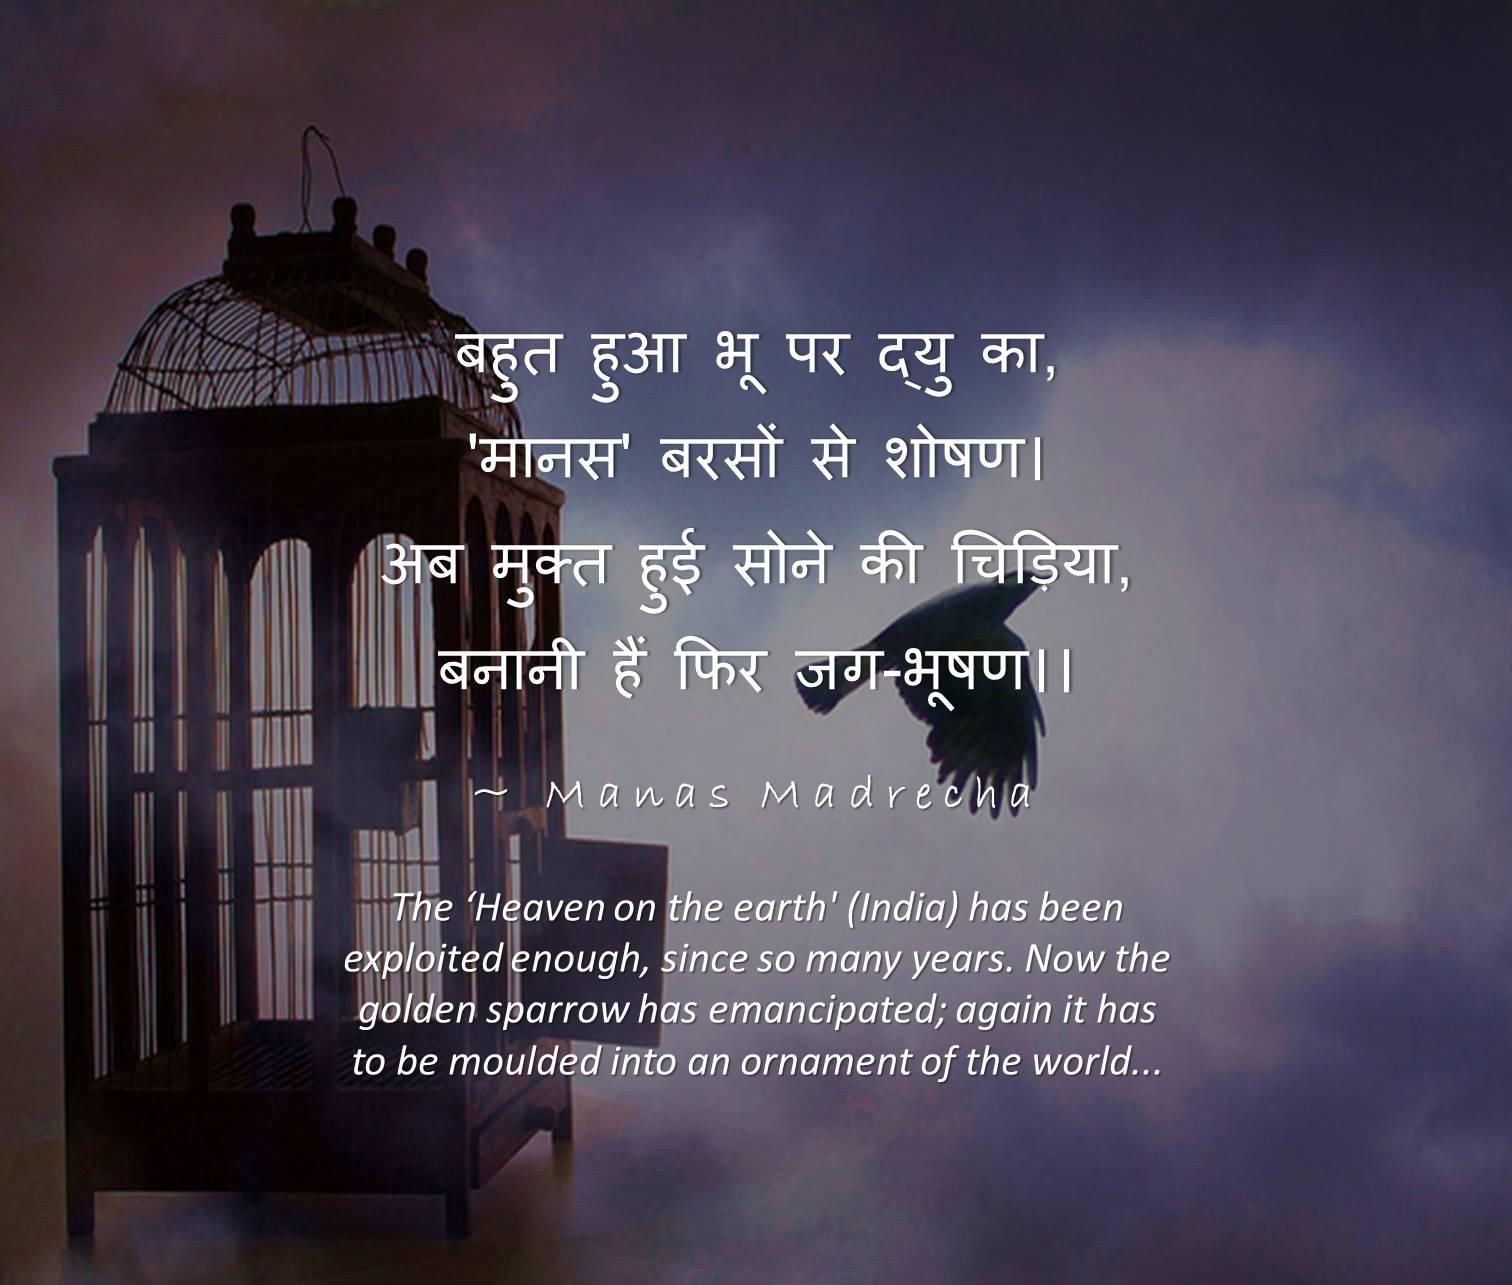 Hail Mother India (Bharat Mata Ki Jai) - Hindi Poem | Manas